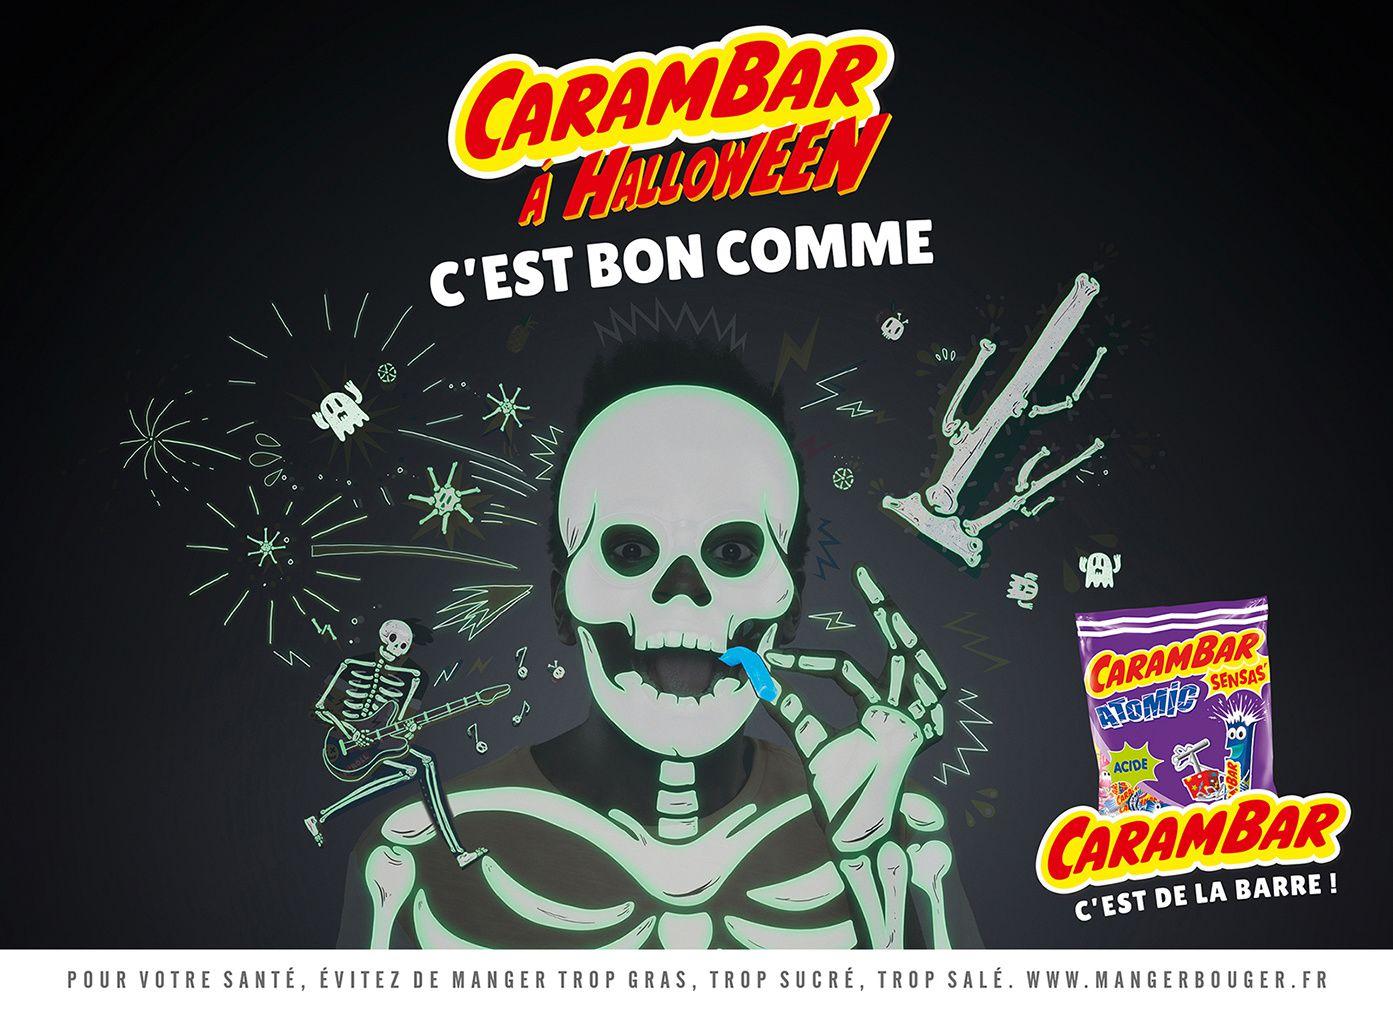 """Carambar Atomic - """"Carambar à Halloween, c'est de la barre !"""" I Agence : Fred&Farid, Paris, France (octobre 2017)"""